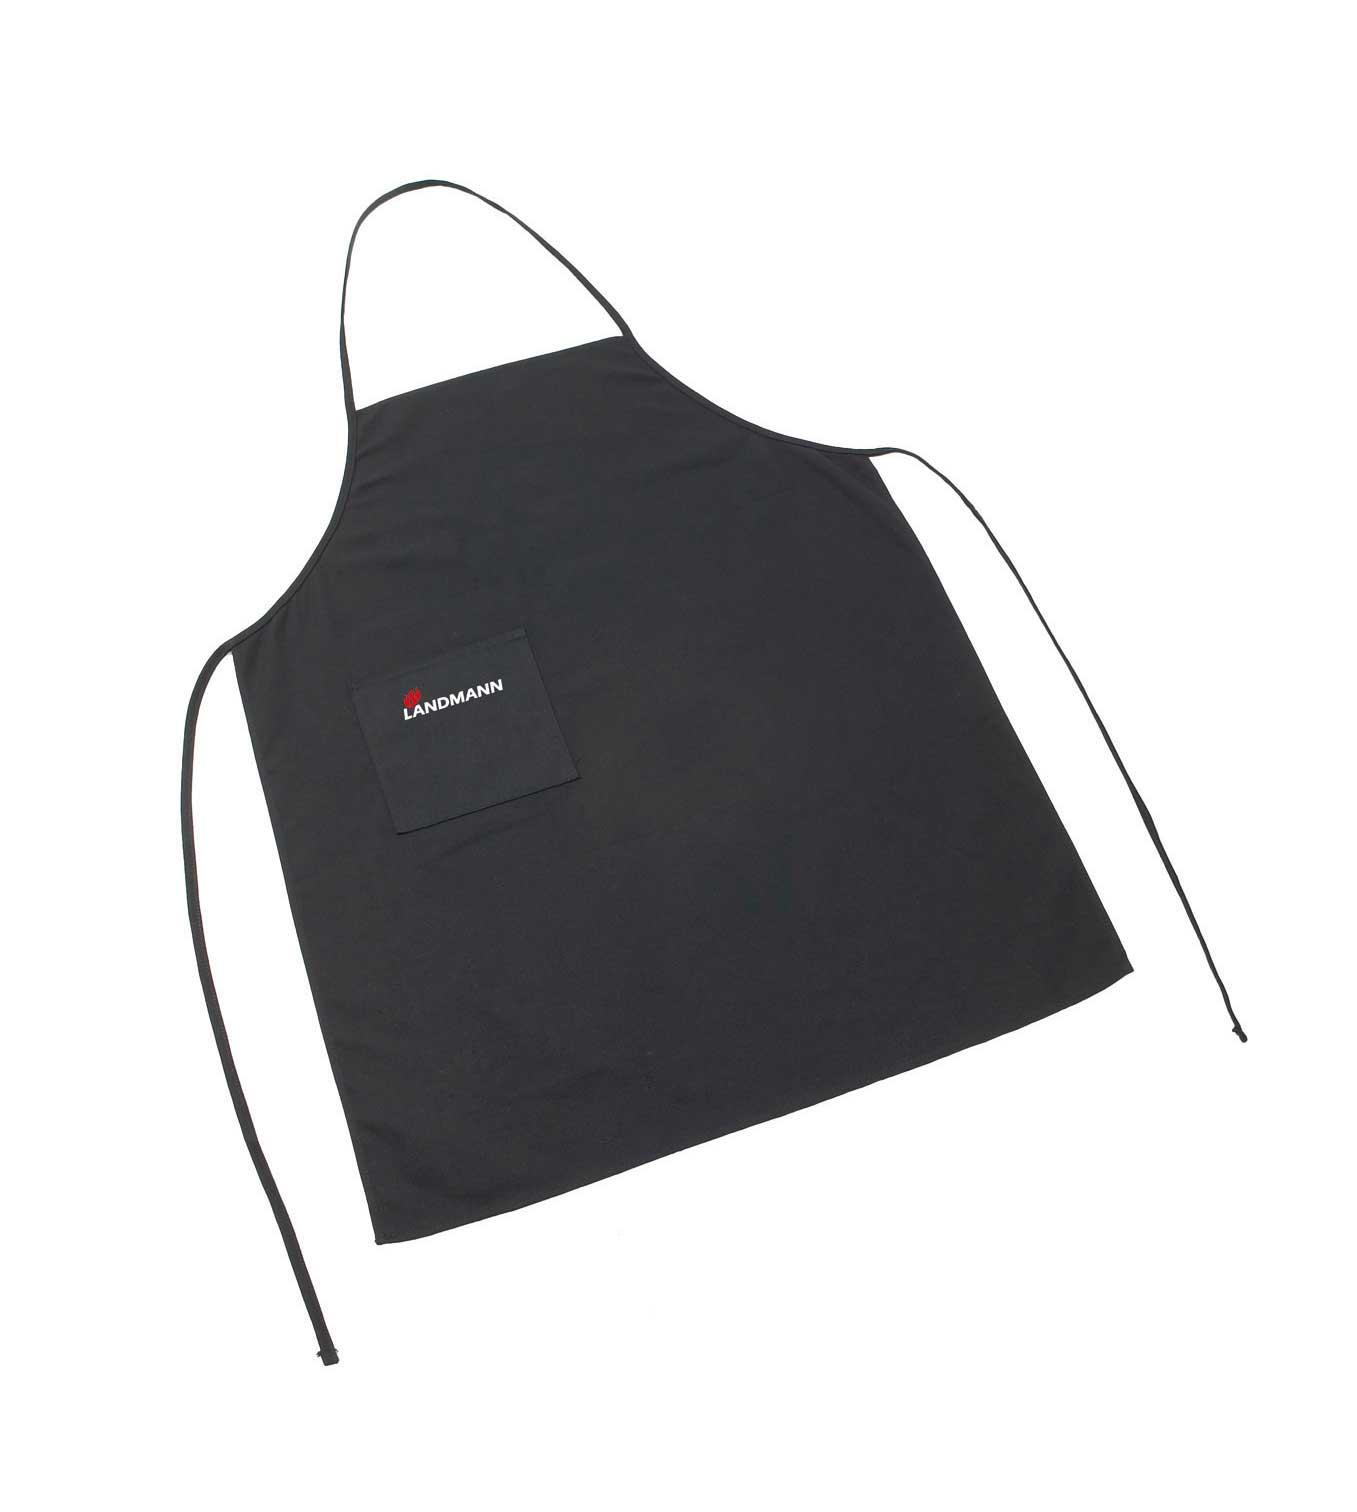 grillsch rze mit landmann logo schwarz 13701 bei. Black Bedroom Furniture Sets. Home Design Ideas